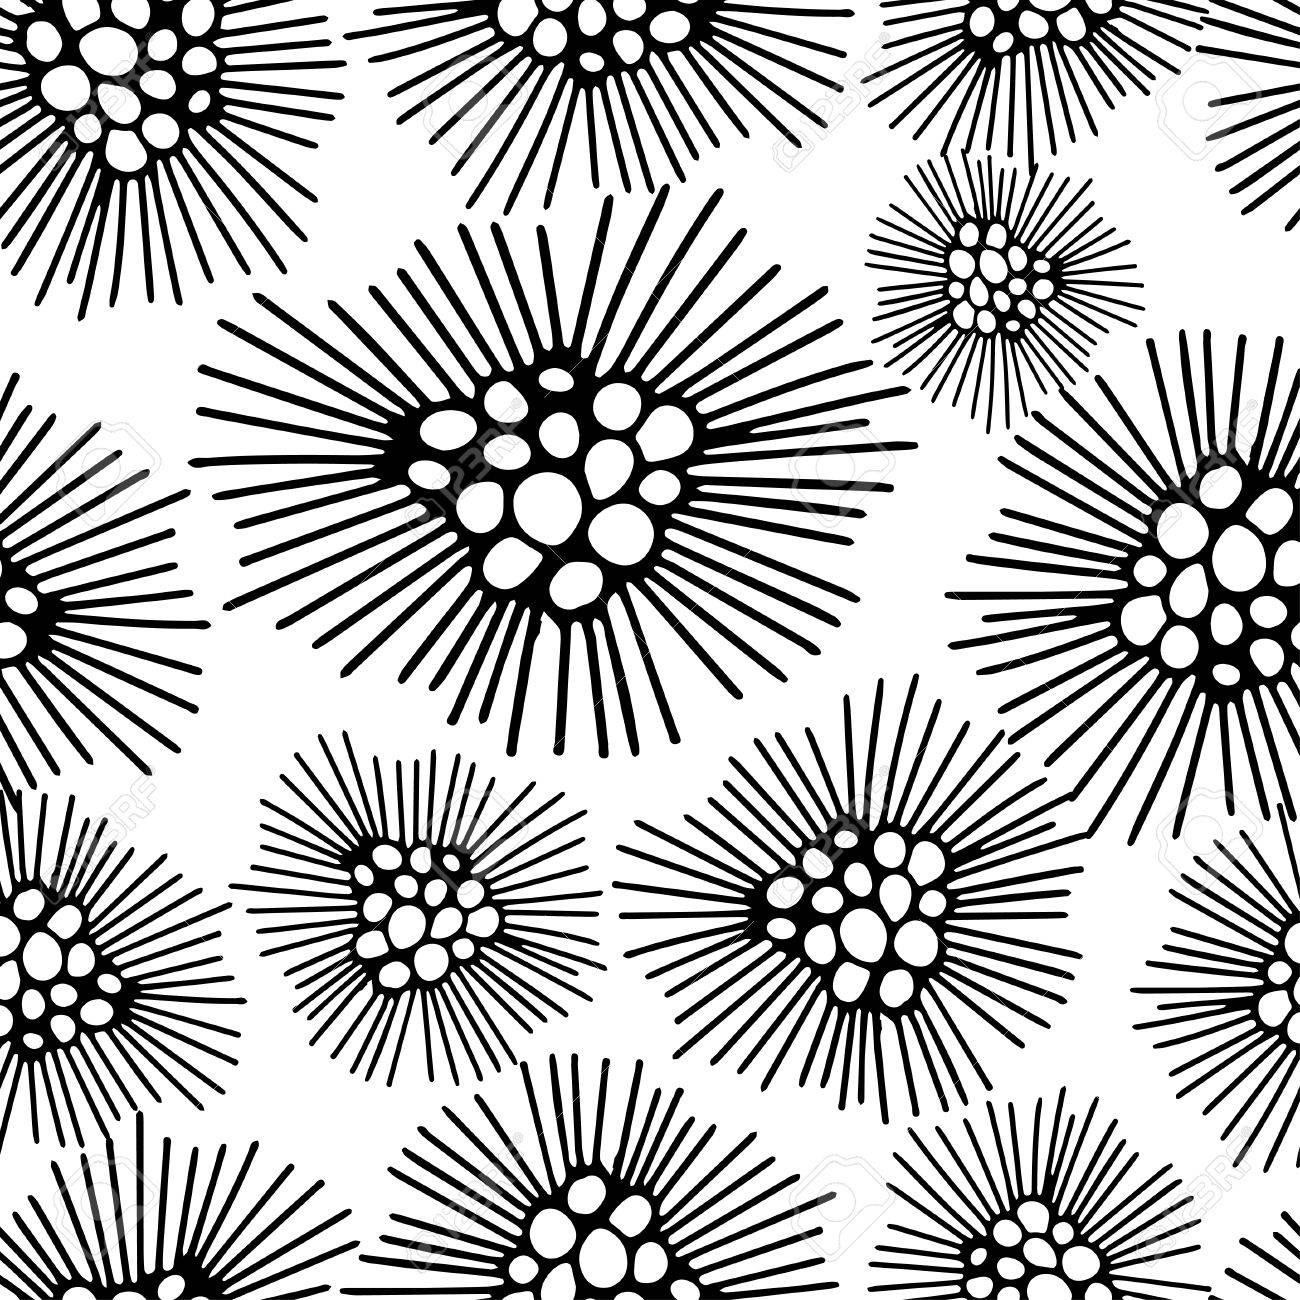 Modele Sans Couture Avec Fond Abstrait Fleur De Pissenlit Noir Et